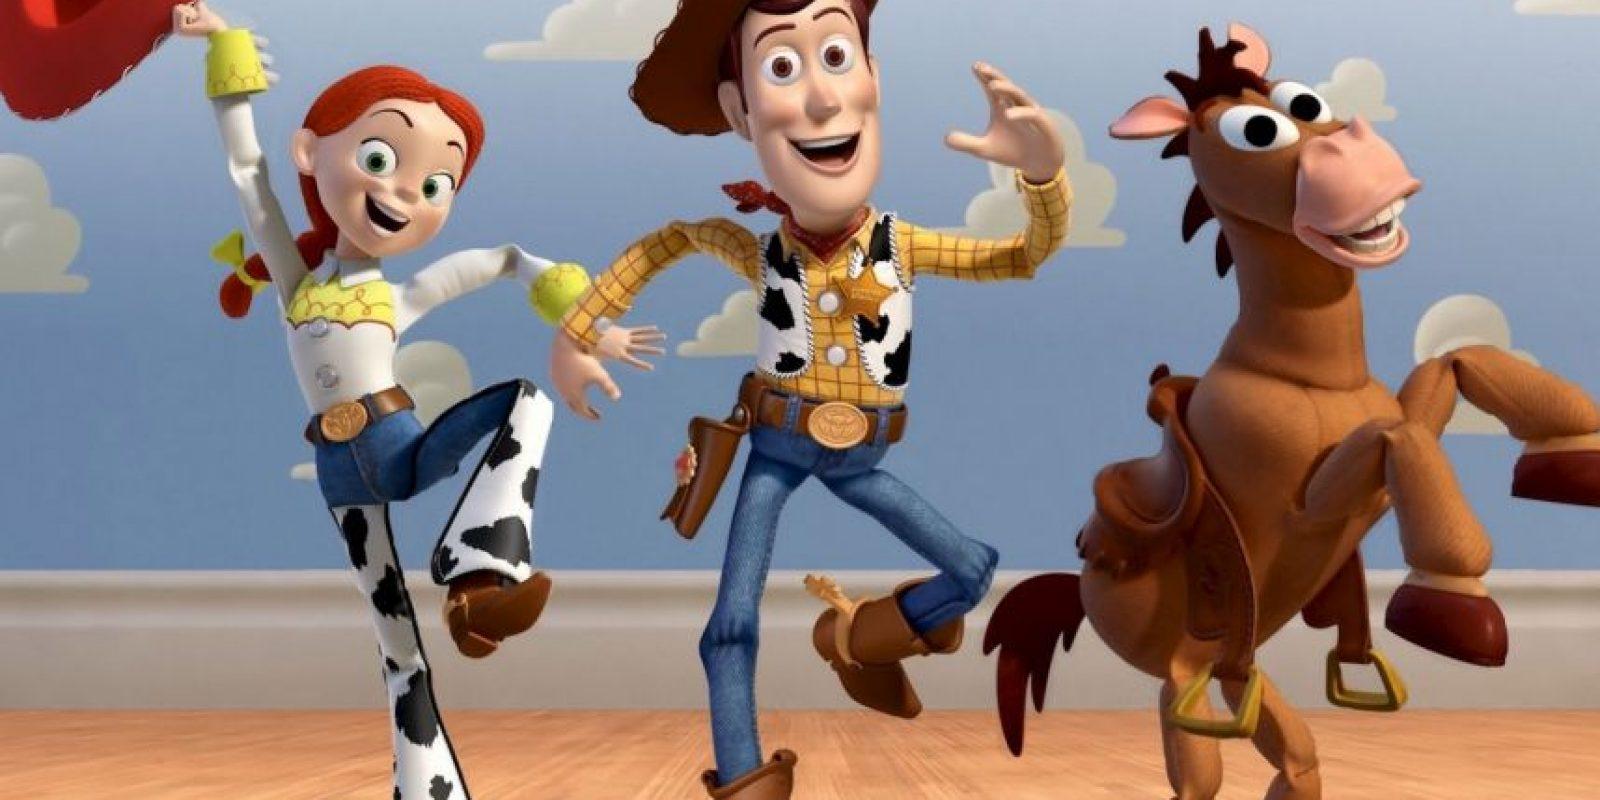 Hasbro le negó a Pixar el uso del nombre de GI Joe, cuando fue informado de que un muñeco con ese nombre iba a ser volado por Sid. Pixar utilizó los hombres del ejército en su lugar Foto:Disney